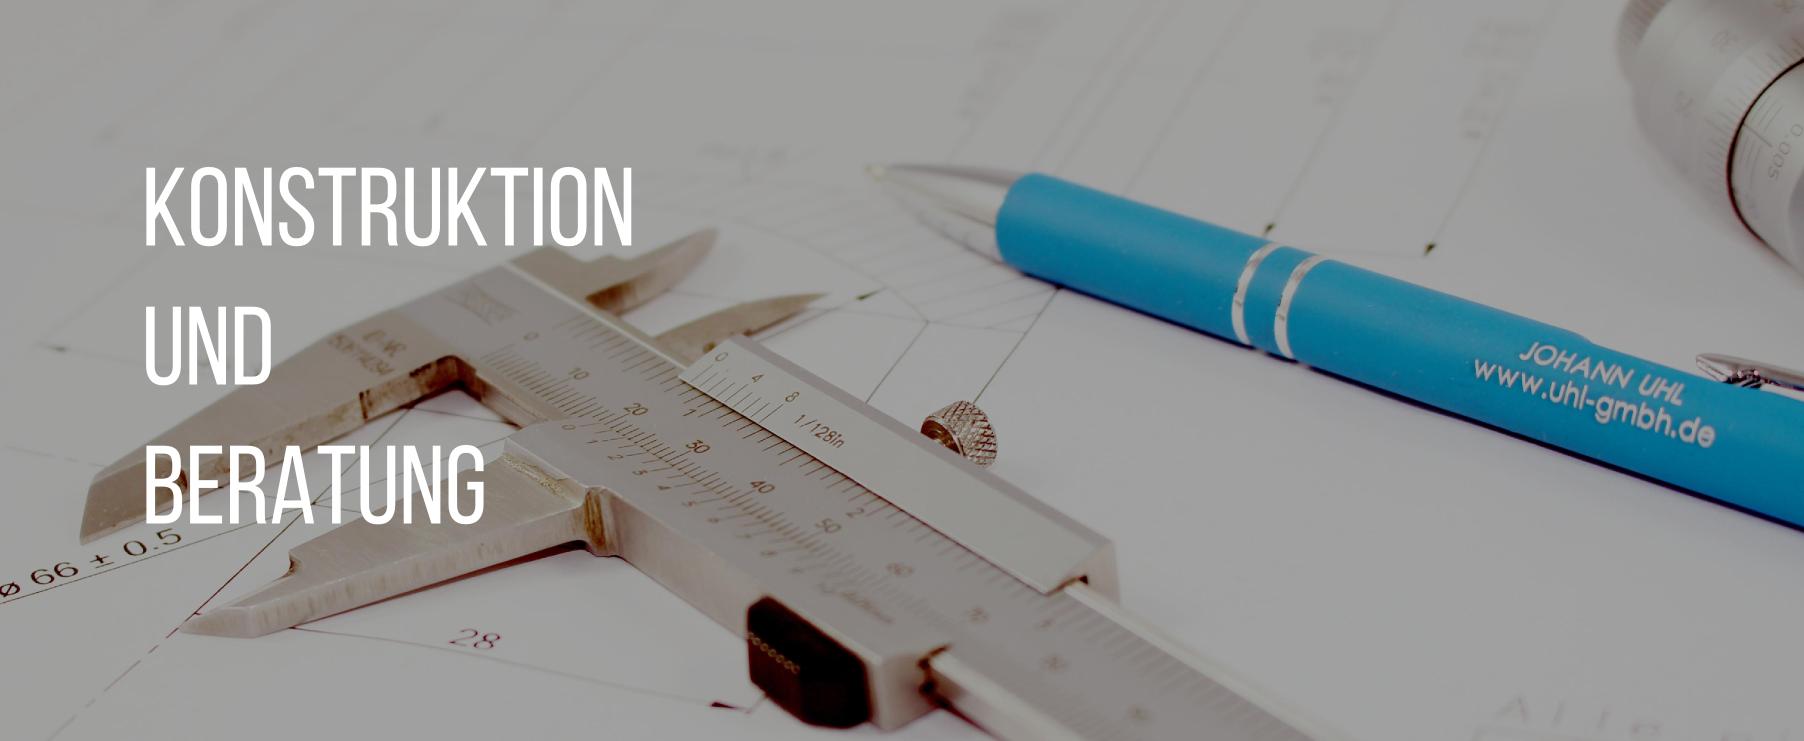 Konstruktion und Beratung